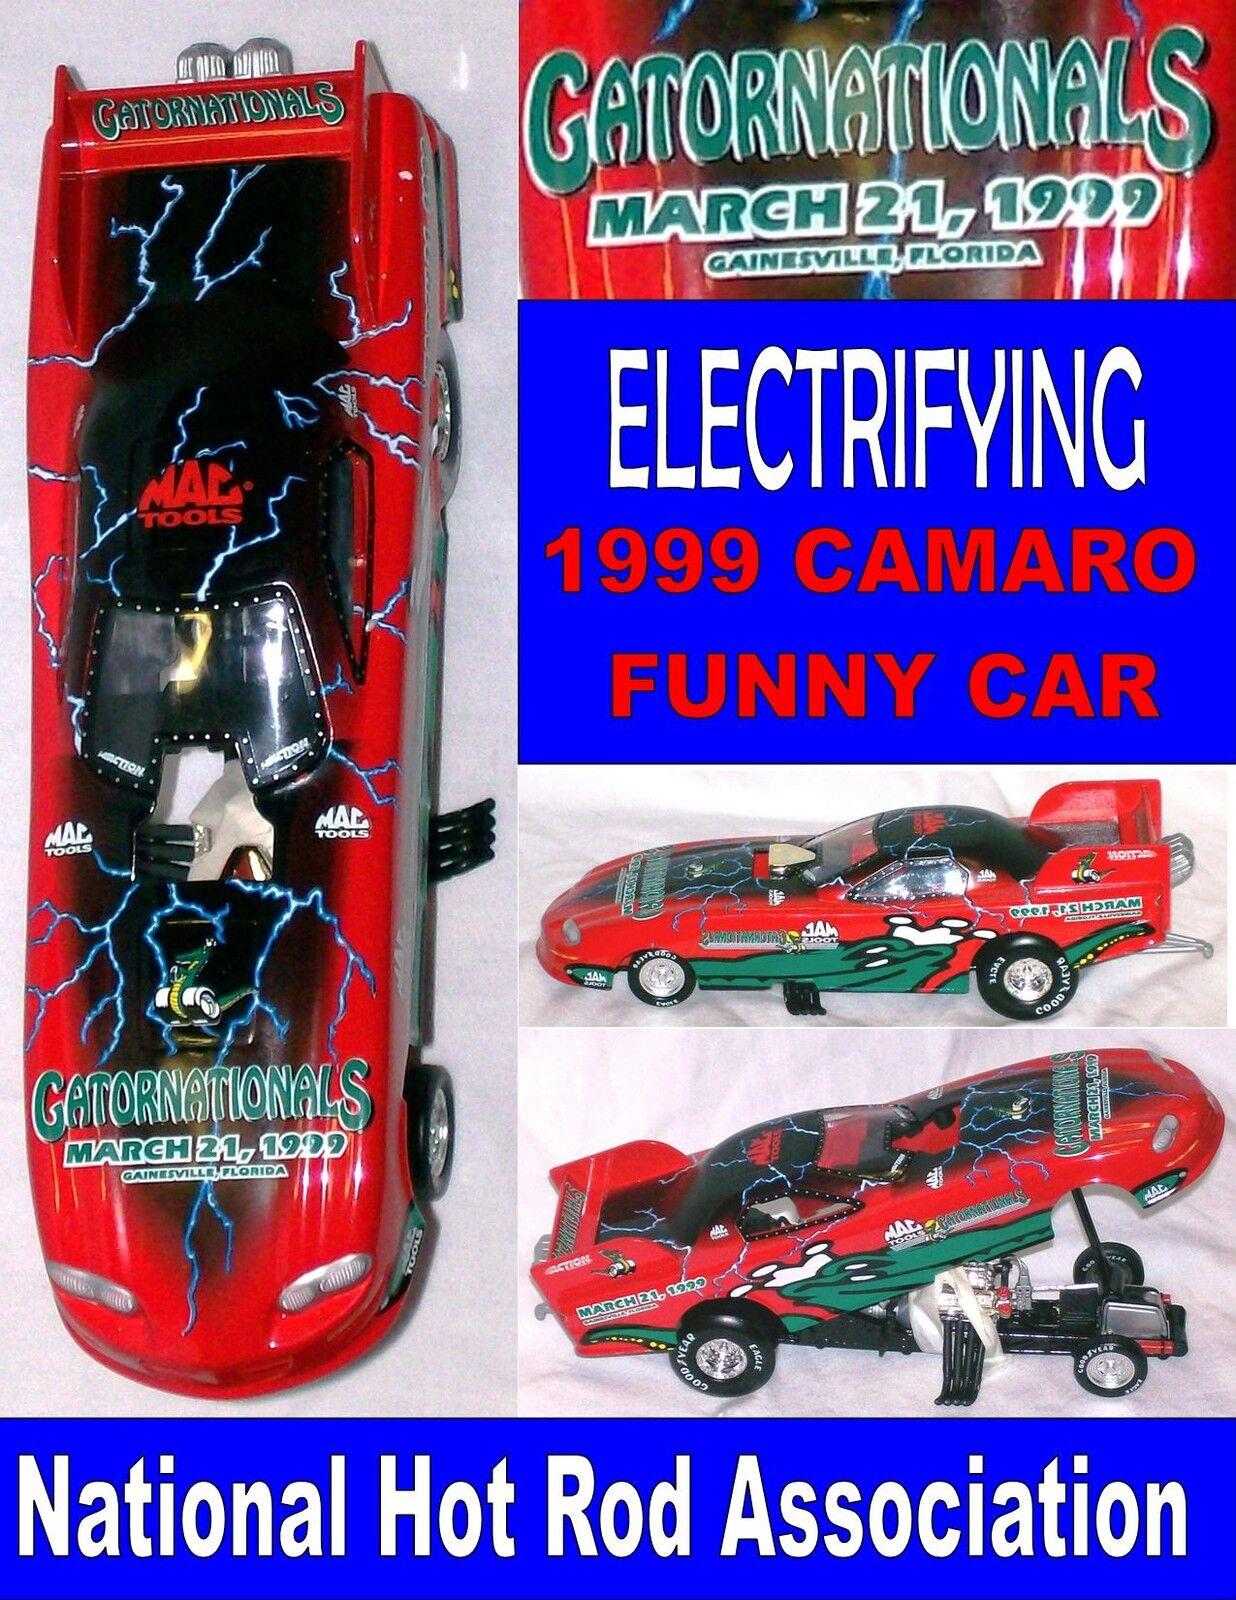 diseño único Diecast Diecast Diecast Camaro Coche Diverdeido Asociación Nacional de Hot Rod Coleccionistas Escala 1 24 1999 Gator nacionales con caja  disfrutando de sus compras